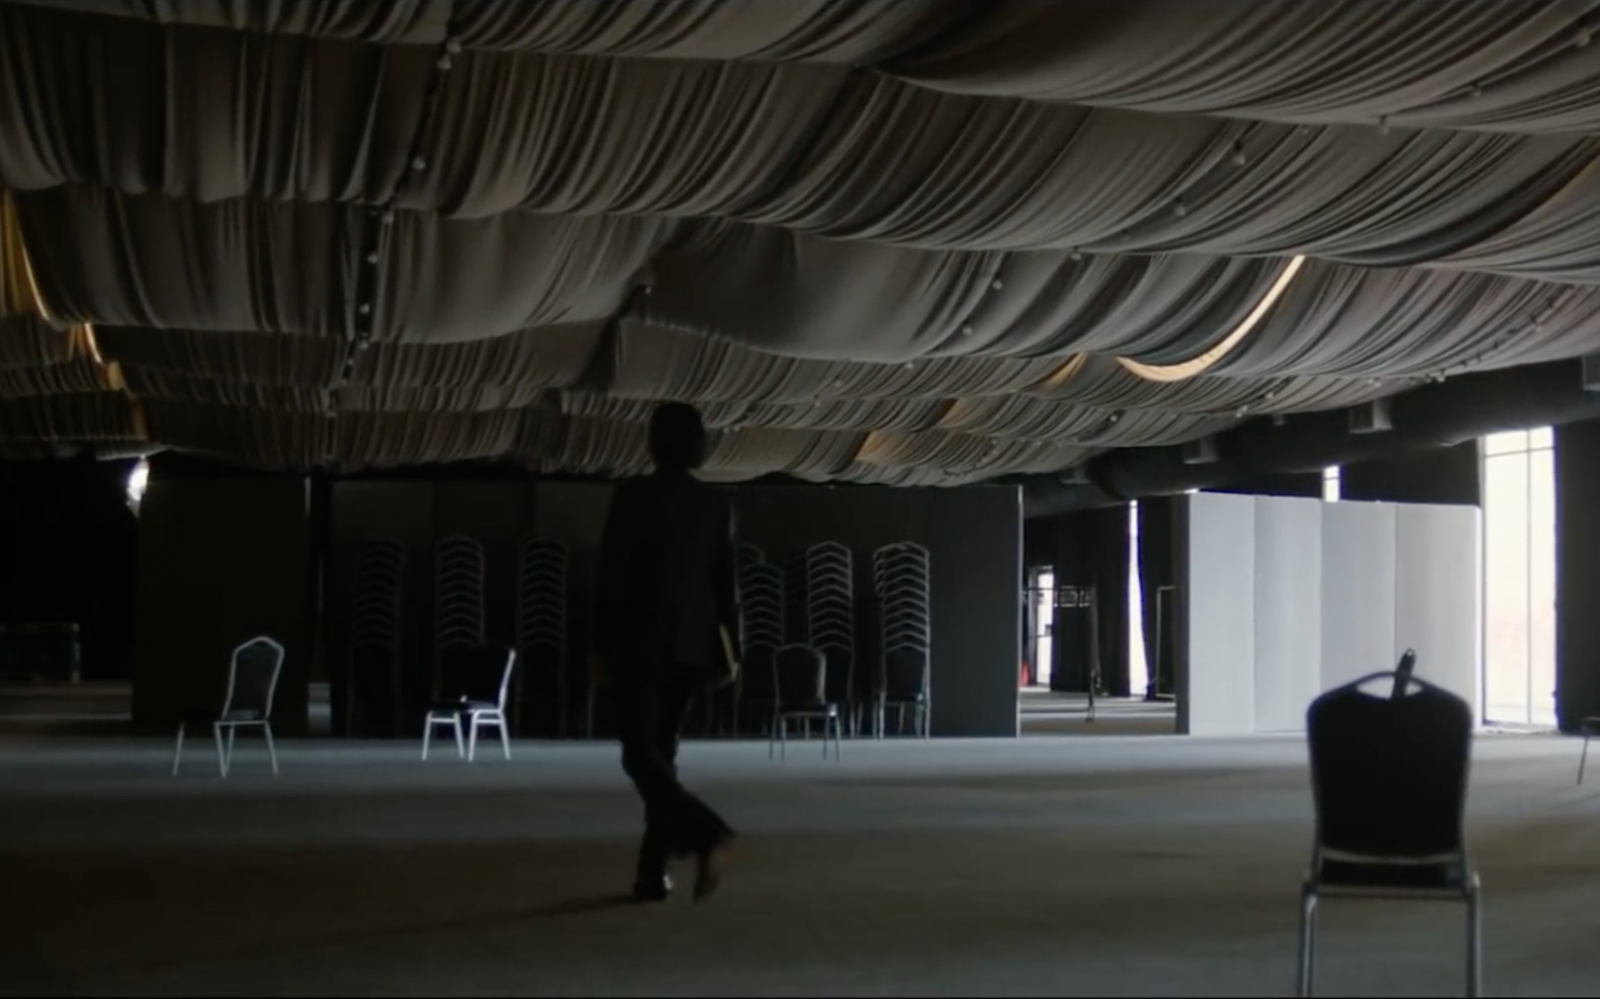 Nick Cave odhalí skrytou podstatu svých písní. Koncertní záznam Idiot Prayer vstoupí do kin v listopadu